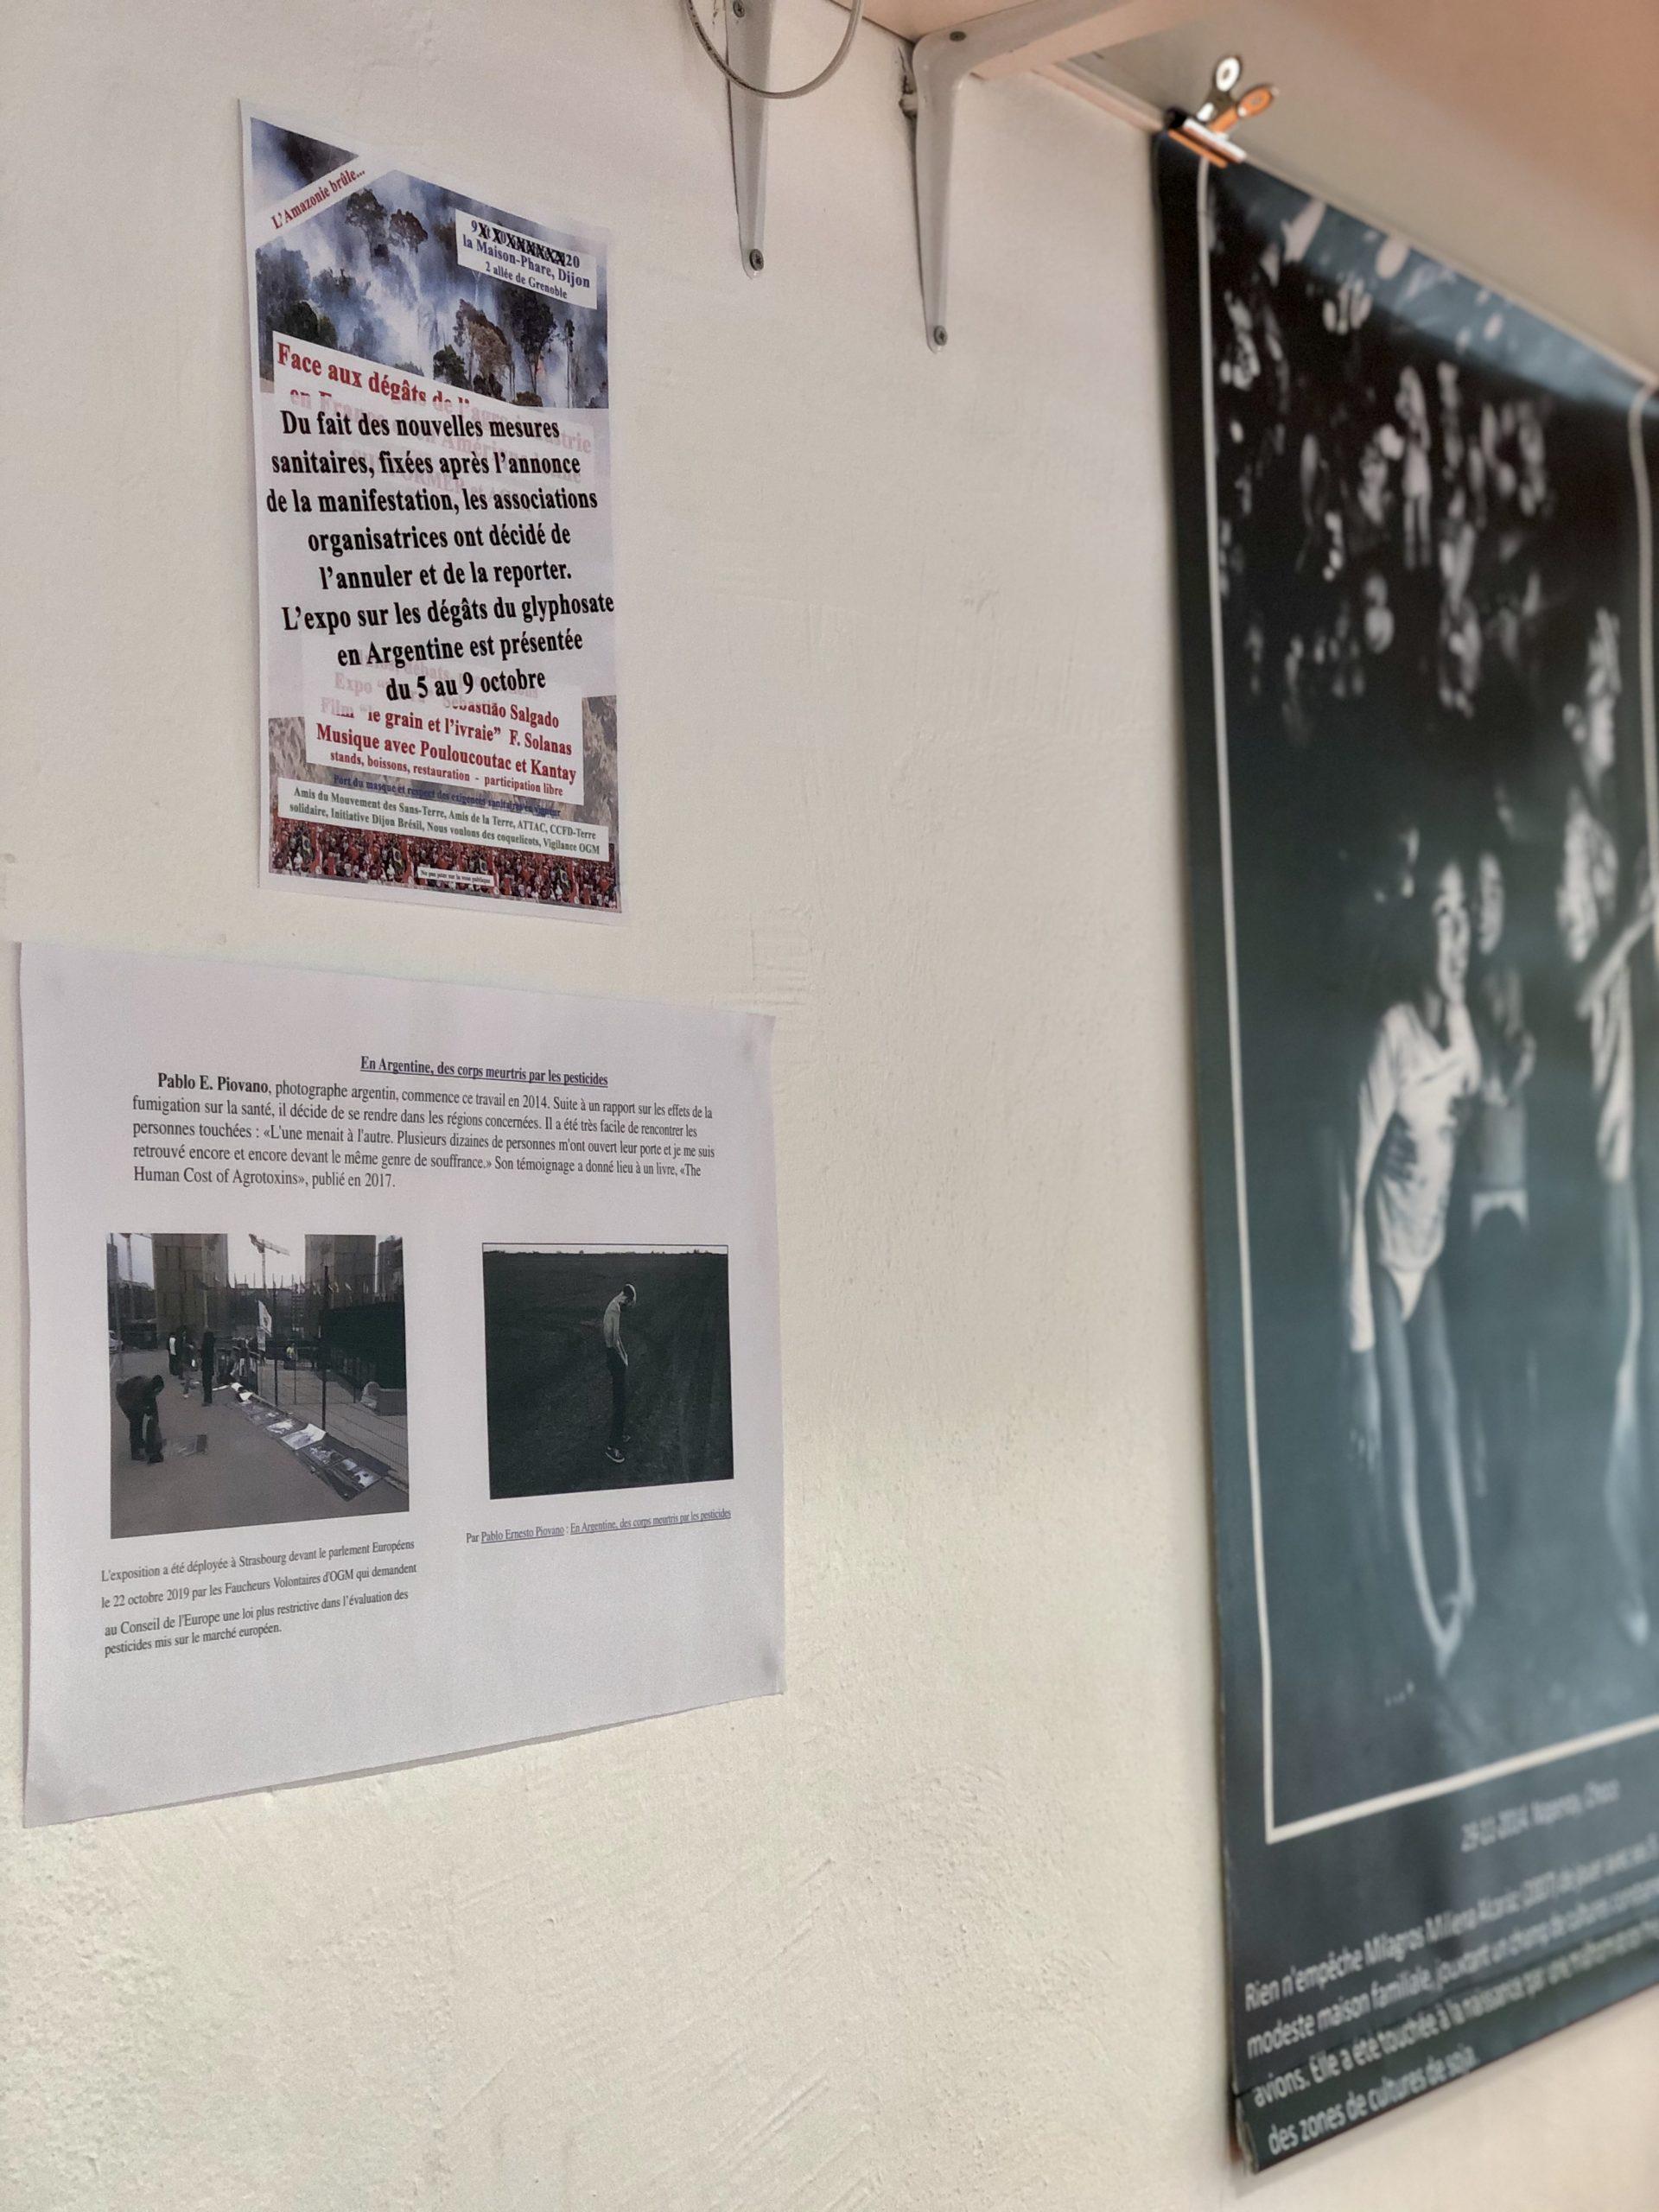 Exposition de Pablo Ernesto Piovano > En Argentine : des corps meurtris par les pesticides